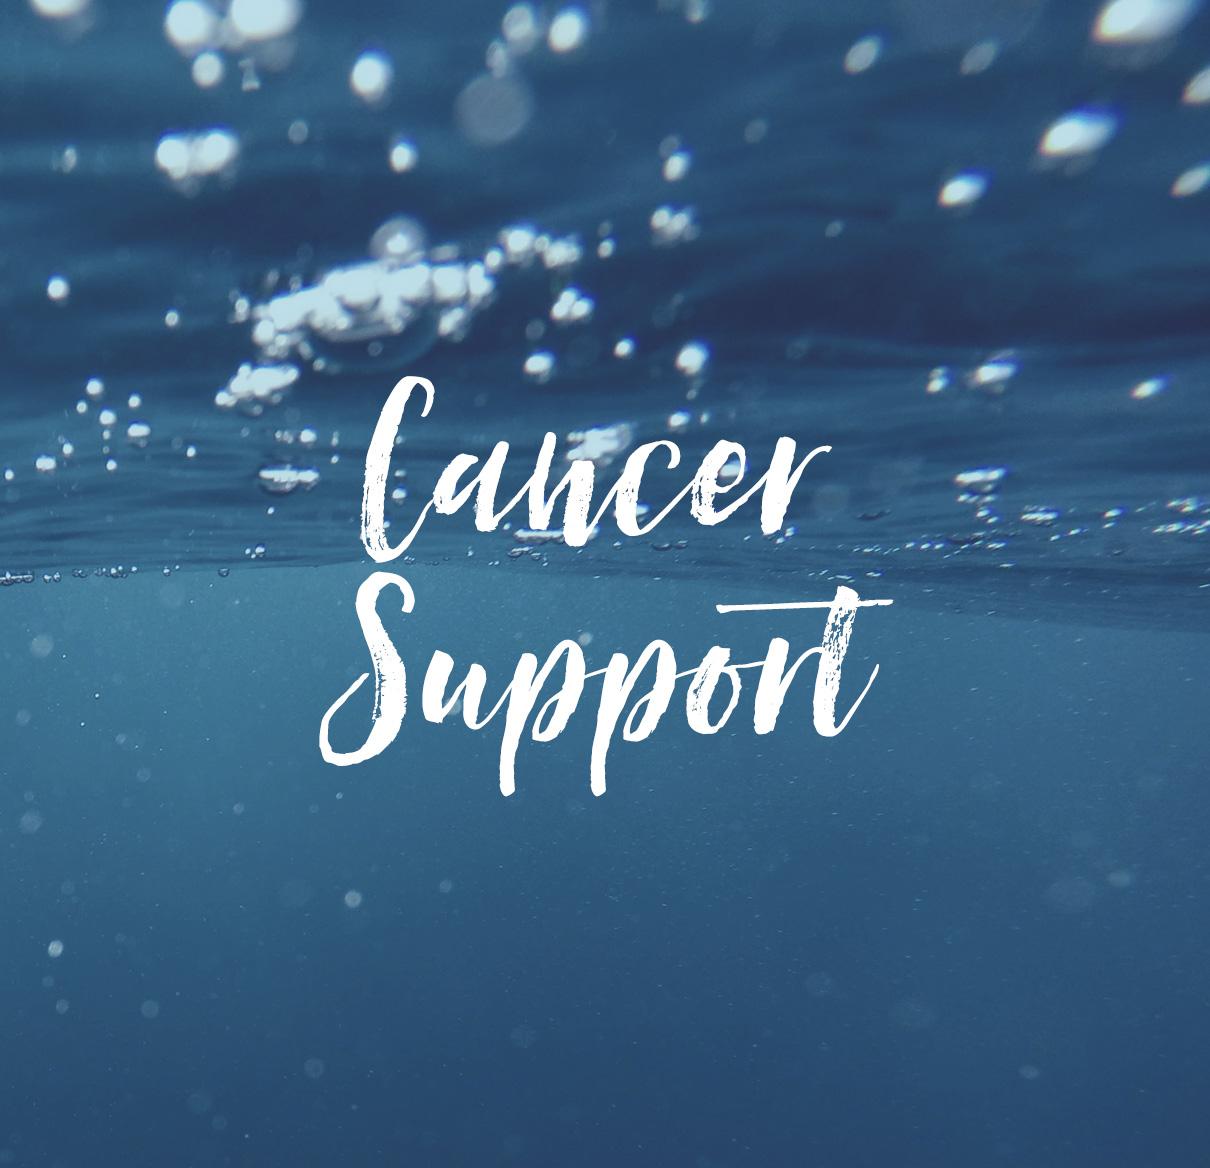 cancersupportcoach